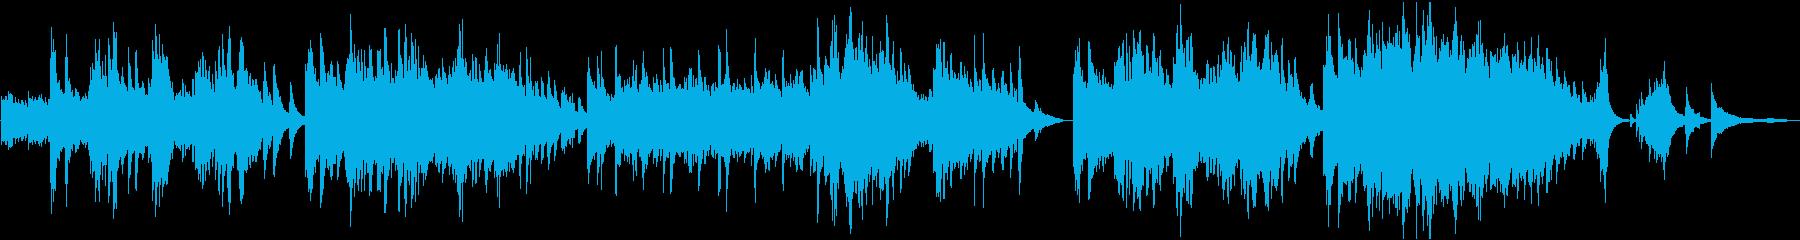 どこか懐かしいピアノ+ストリングスの再生済みの波形